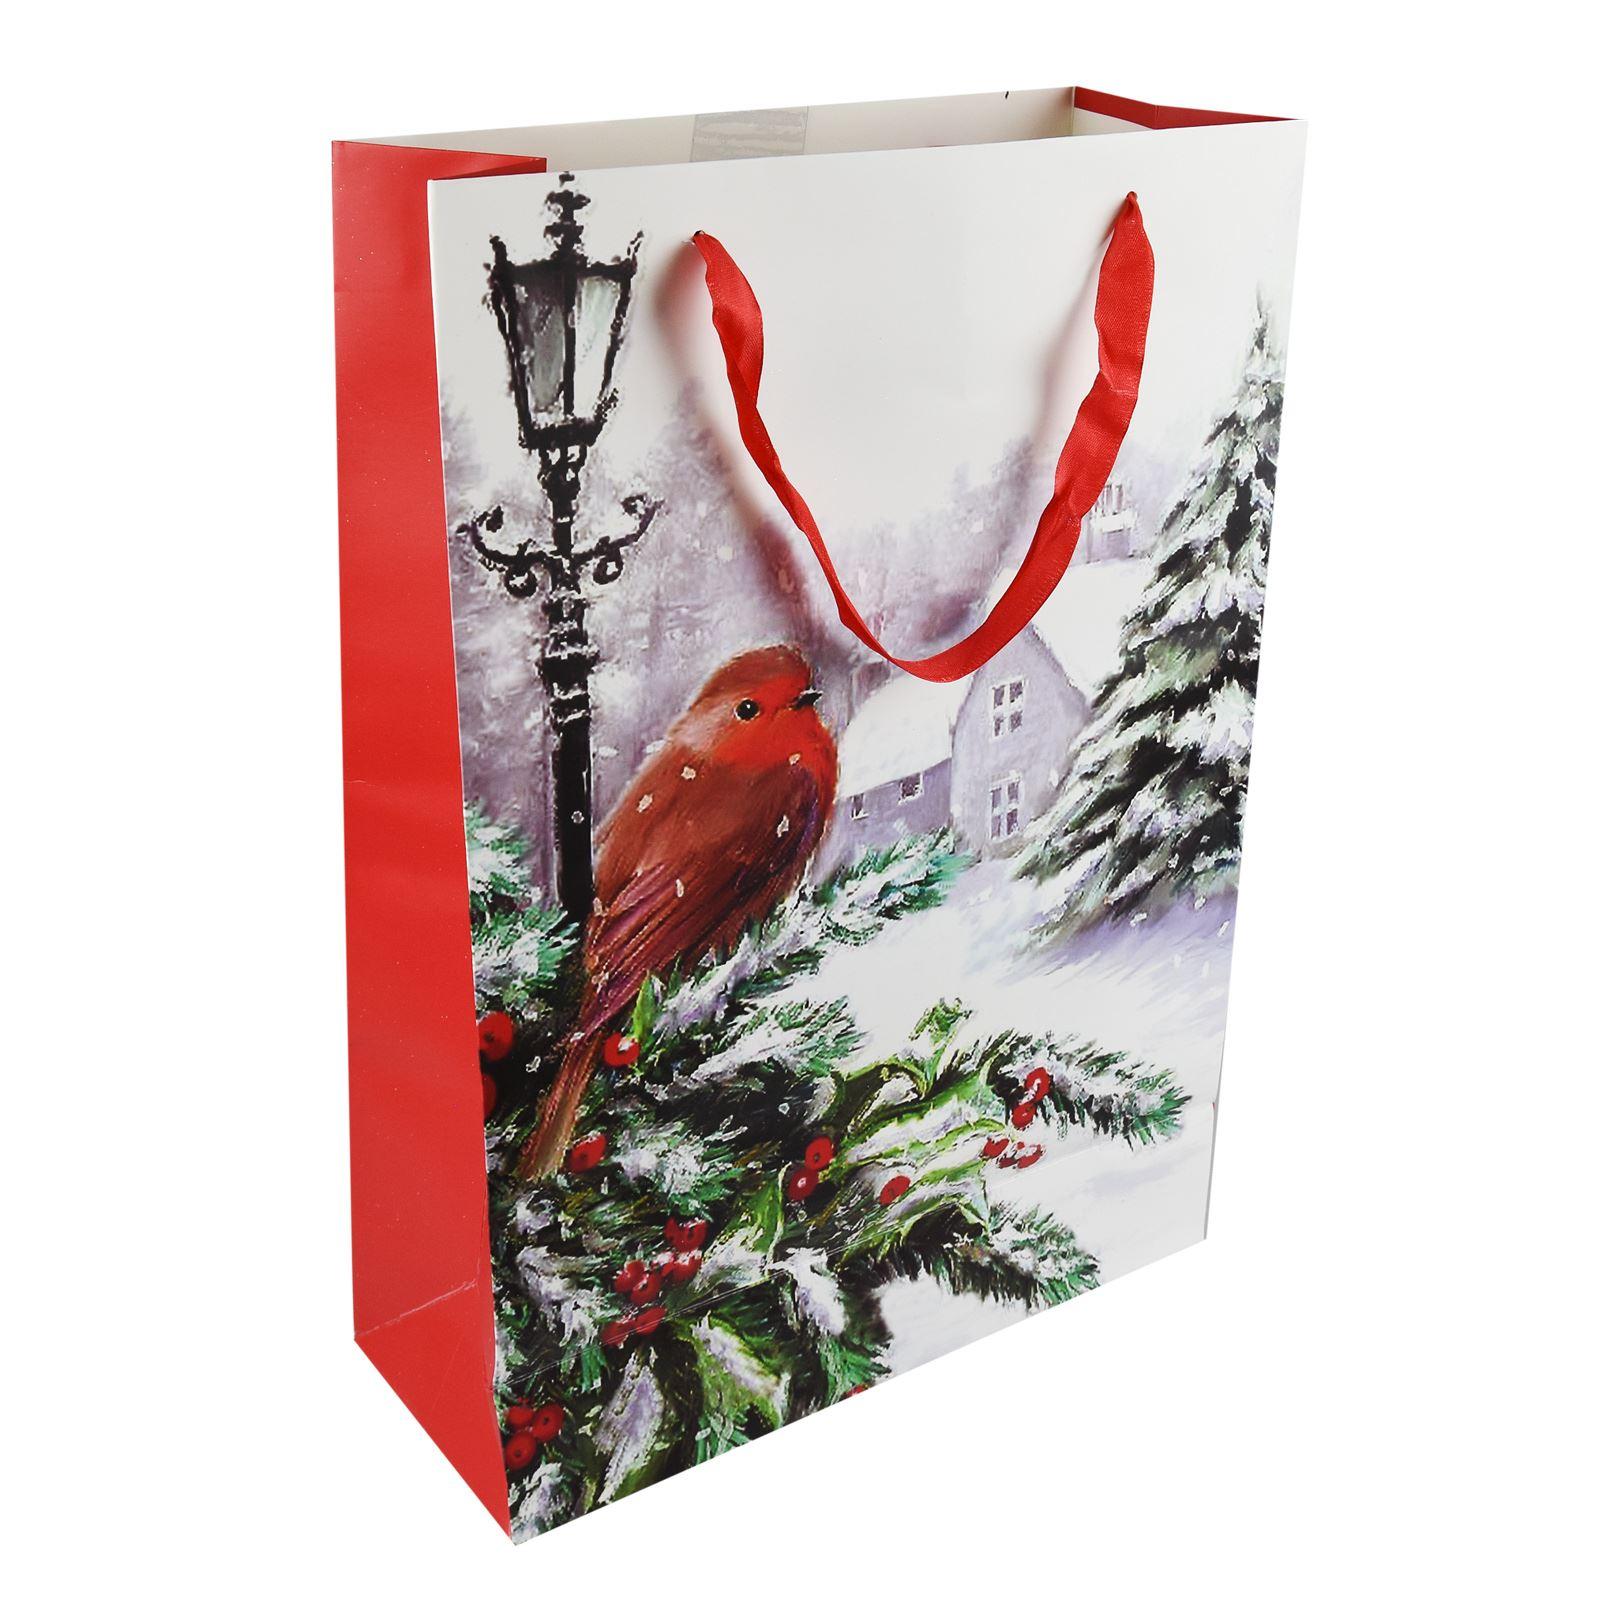 Tradizionale-Regalo-di-Natale-Borse-Regalo-Natale-Inverno-Glitter-Design-Paper-Carrier miniatura 15